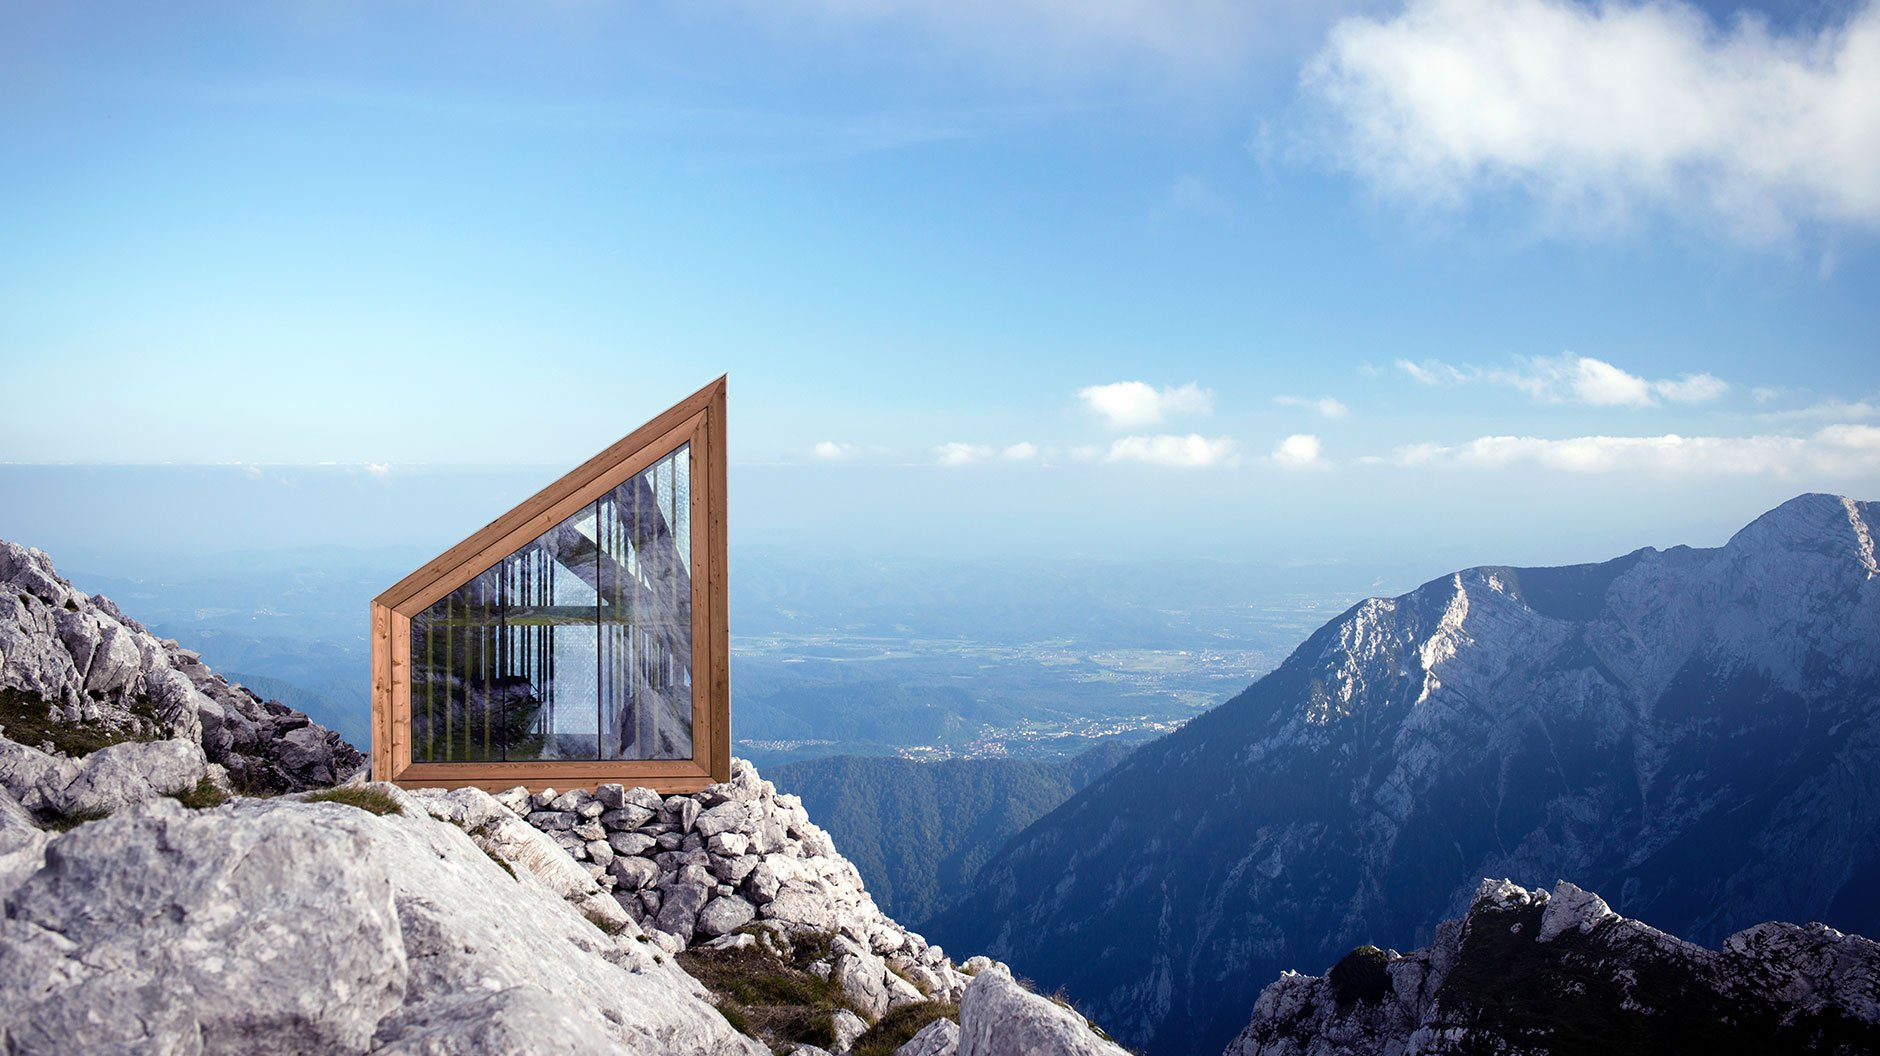 Spektakuläre Biwakarchitektur im Hochgebirge